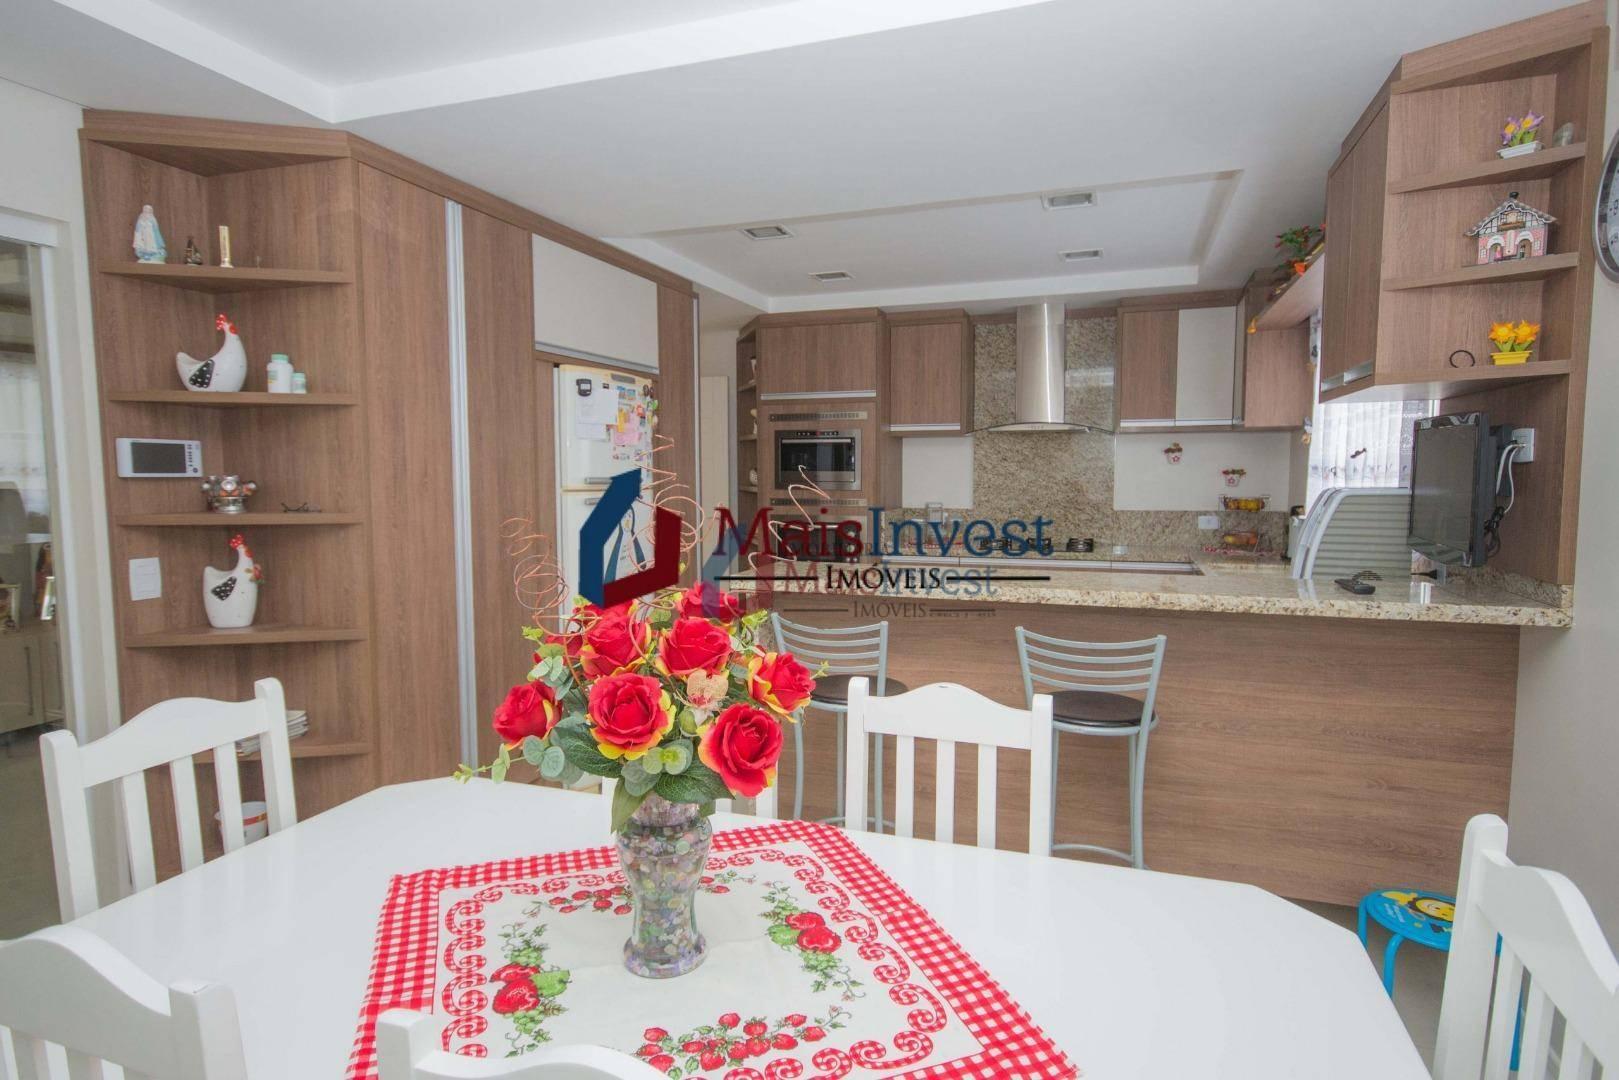 Sobrado com 4 dormitórios à venda, 295 m² - Centro - Quatro Barras/PR